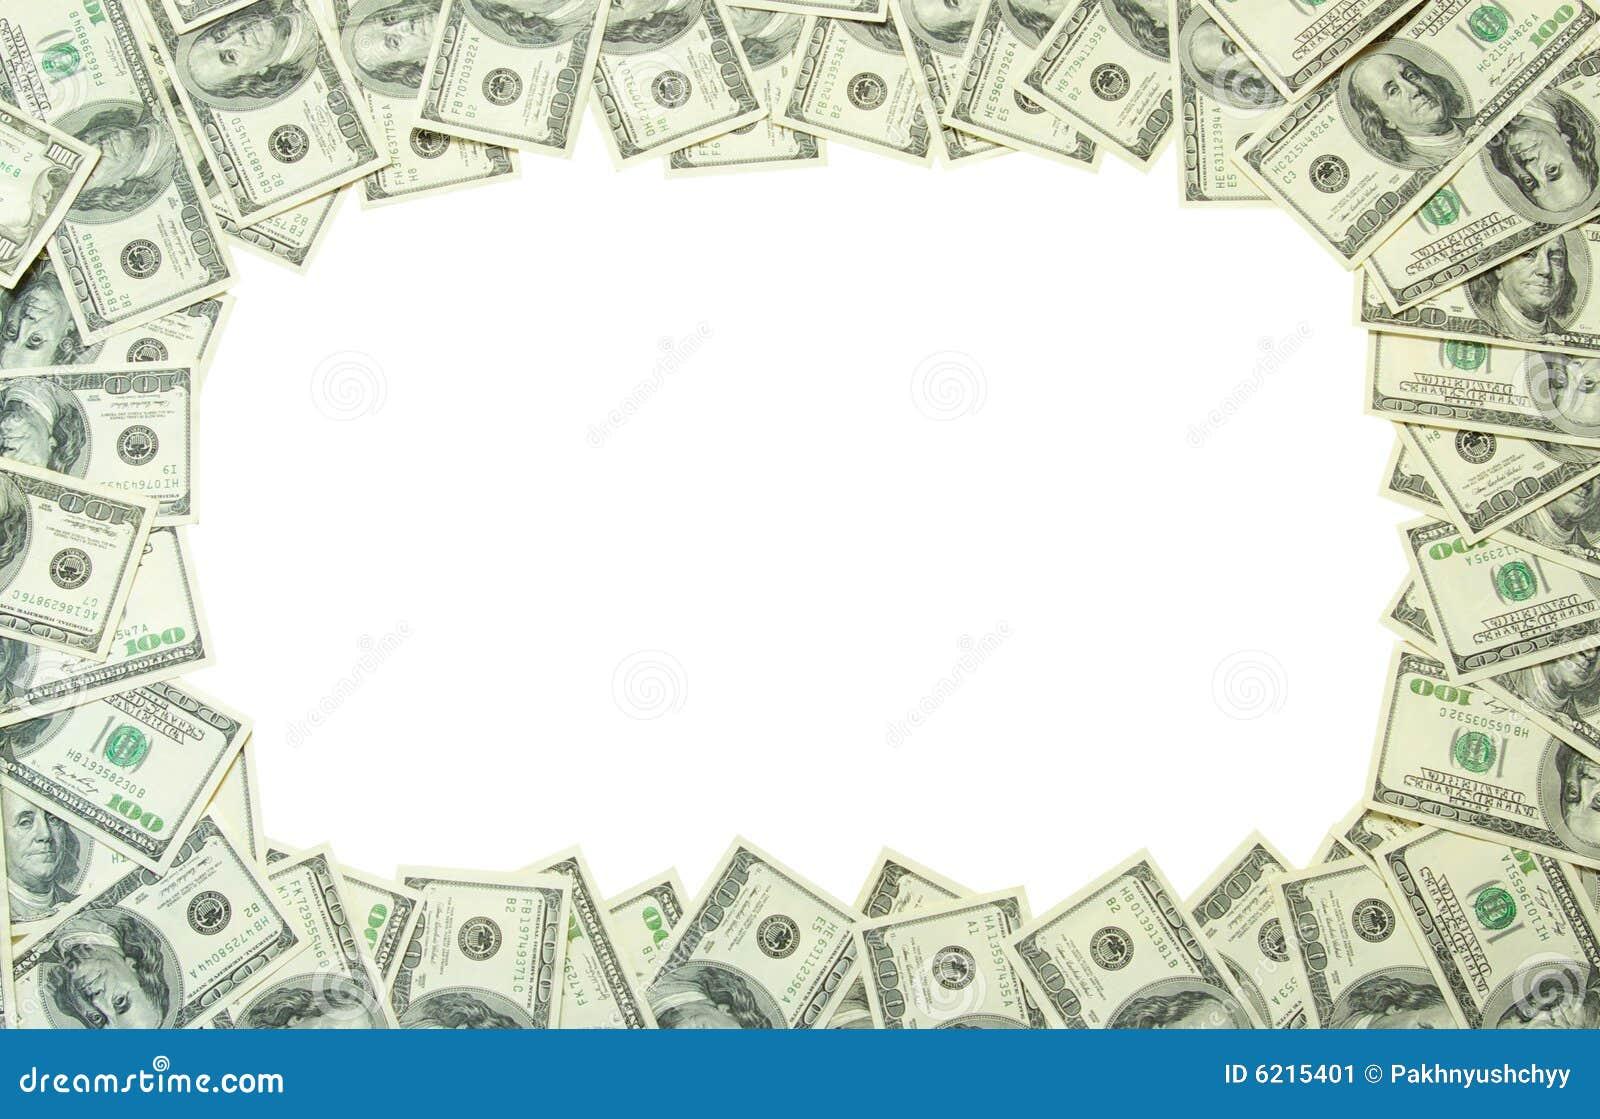 Money Frame Stock Image Image 6215401